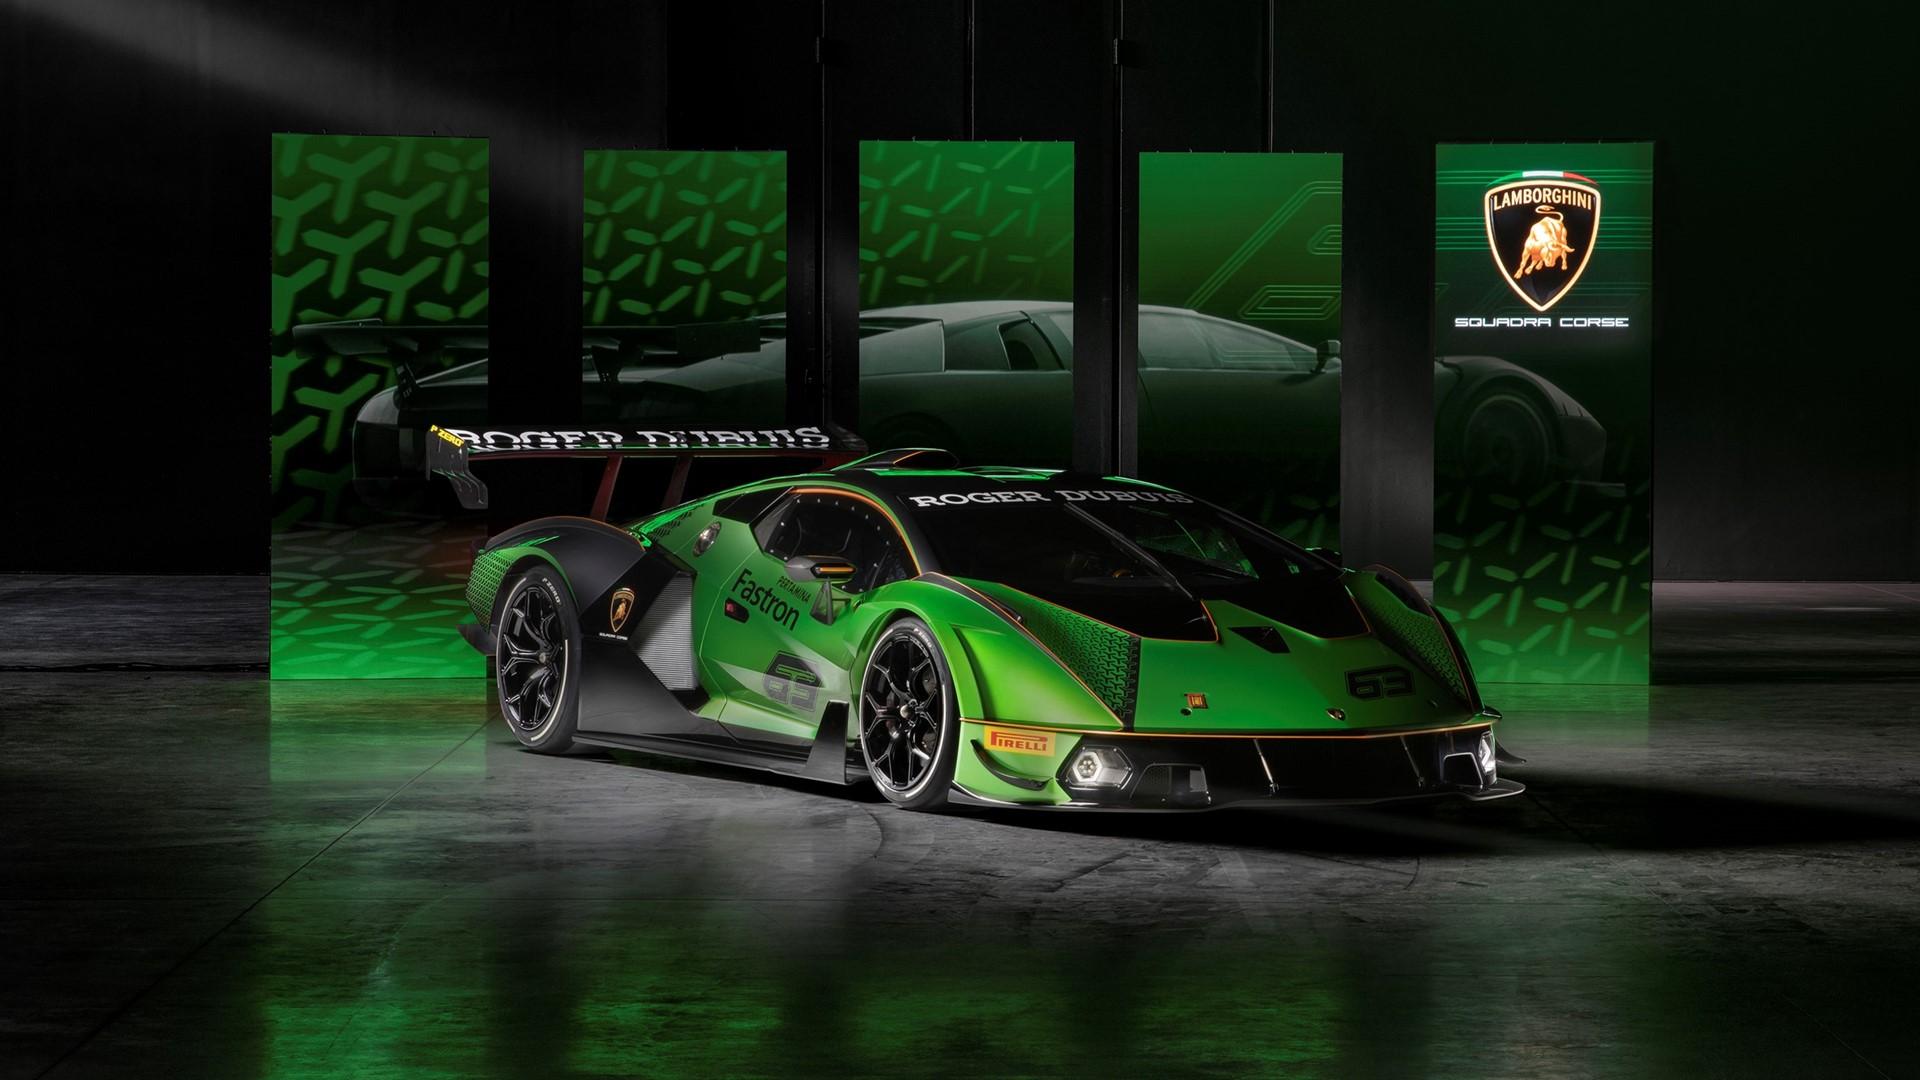 Lamborghini Essenza SCV12: the purest track experience - Image 8